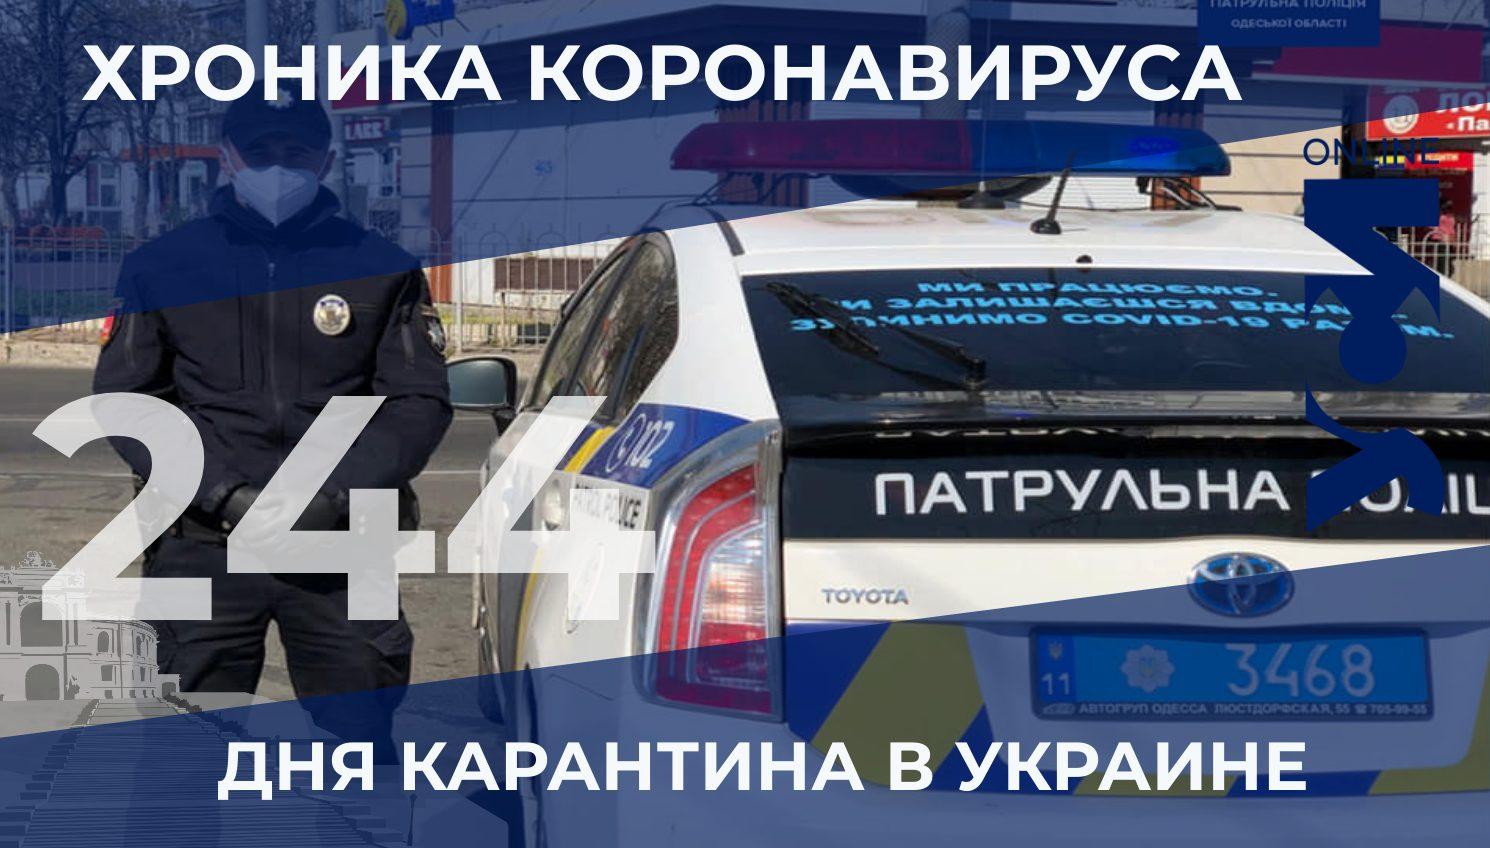 COVID-19: Одесская область вторая по количеству зараженных за сутки «фото»